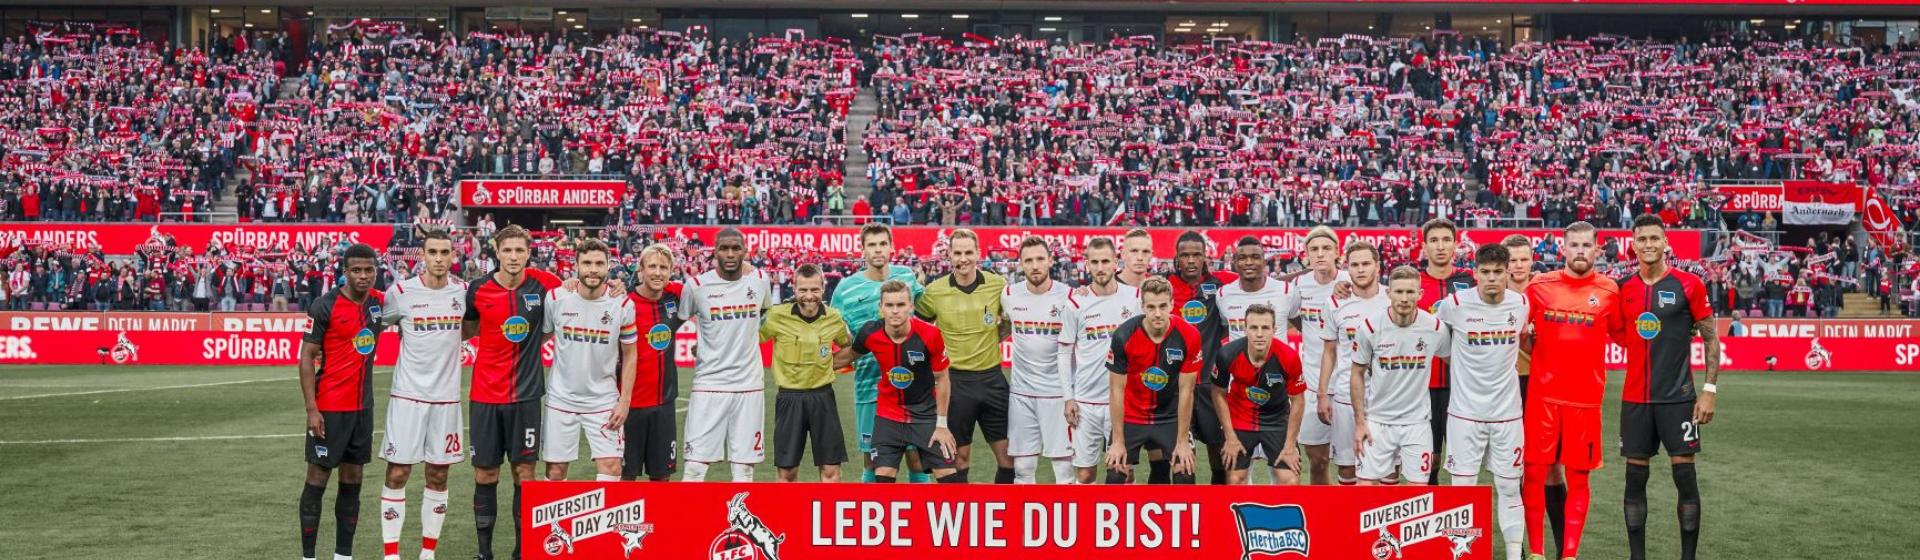 1. FC Köln header